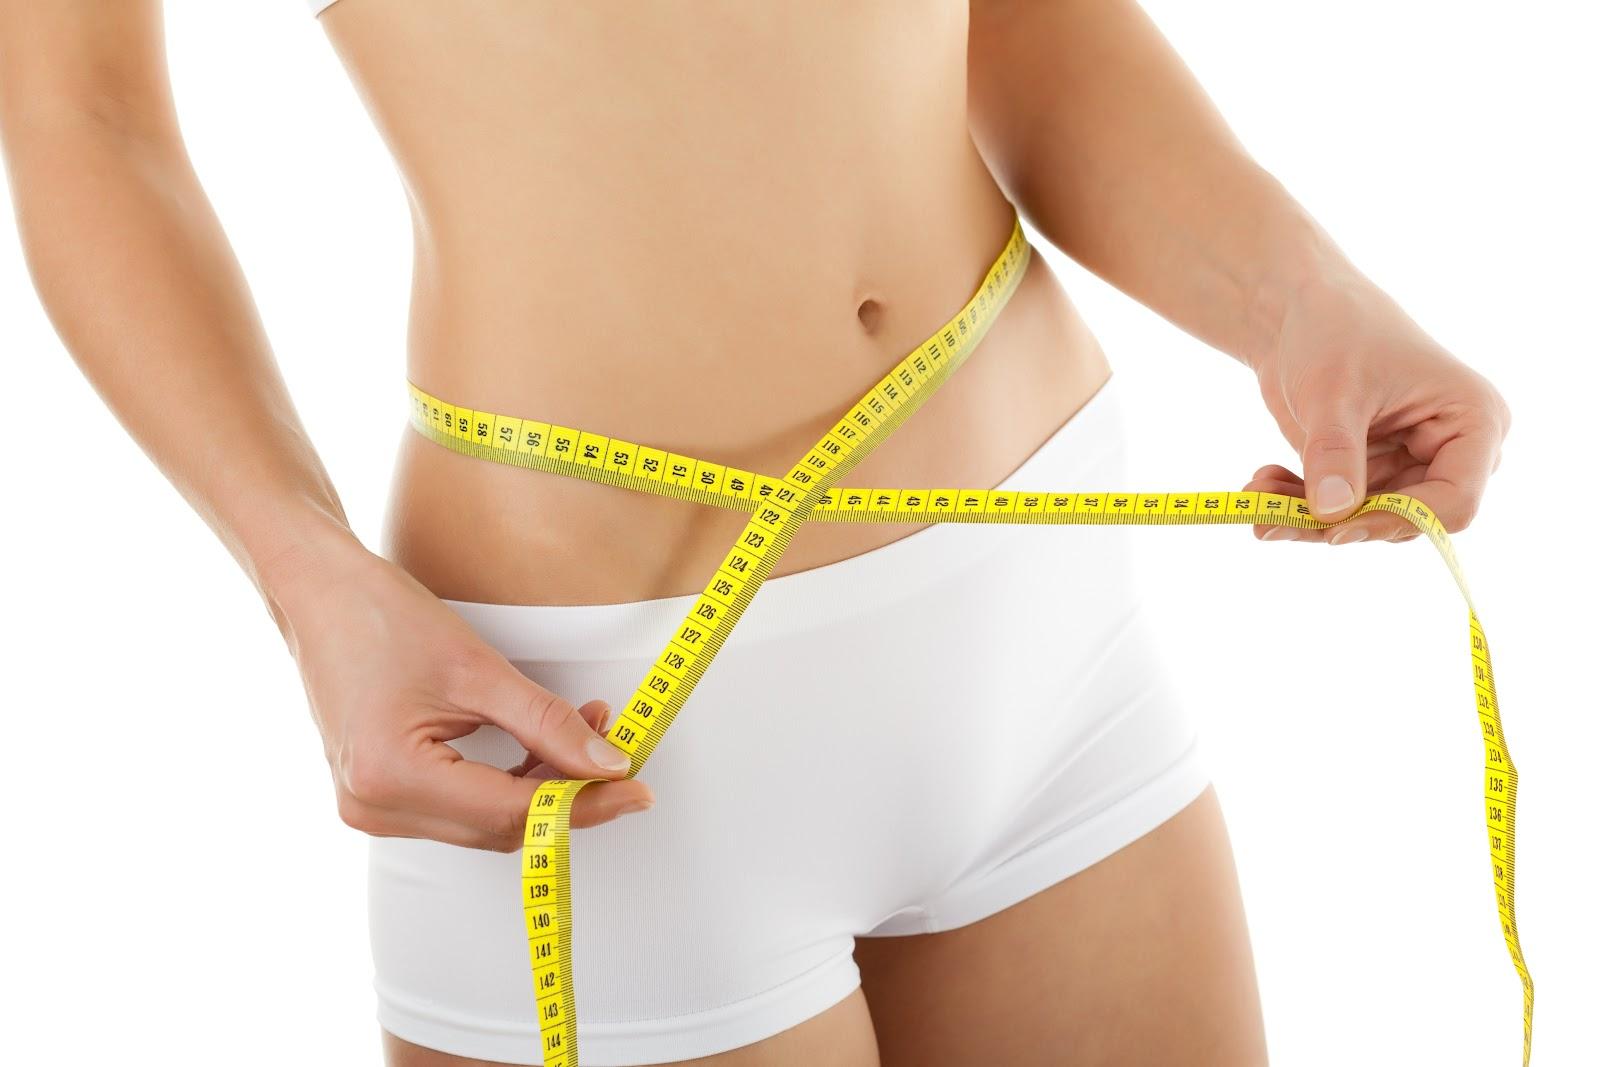 Pierderea in greutate medic guzhagin